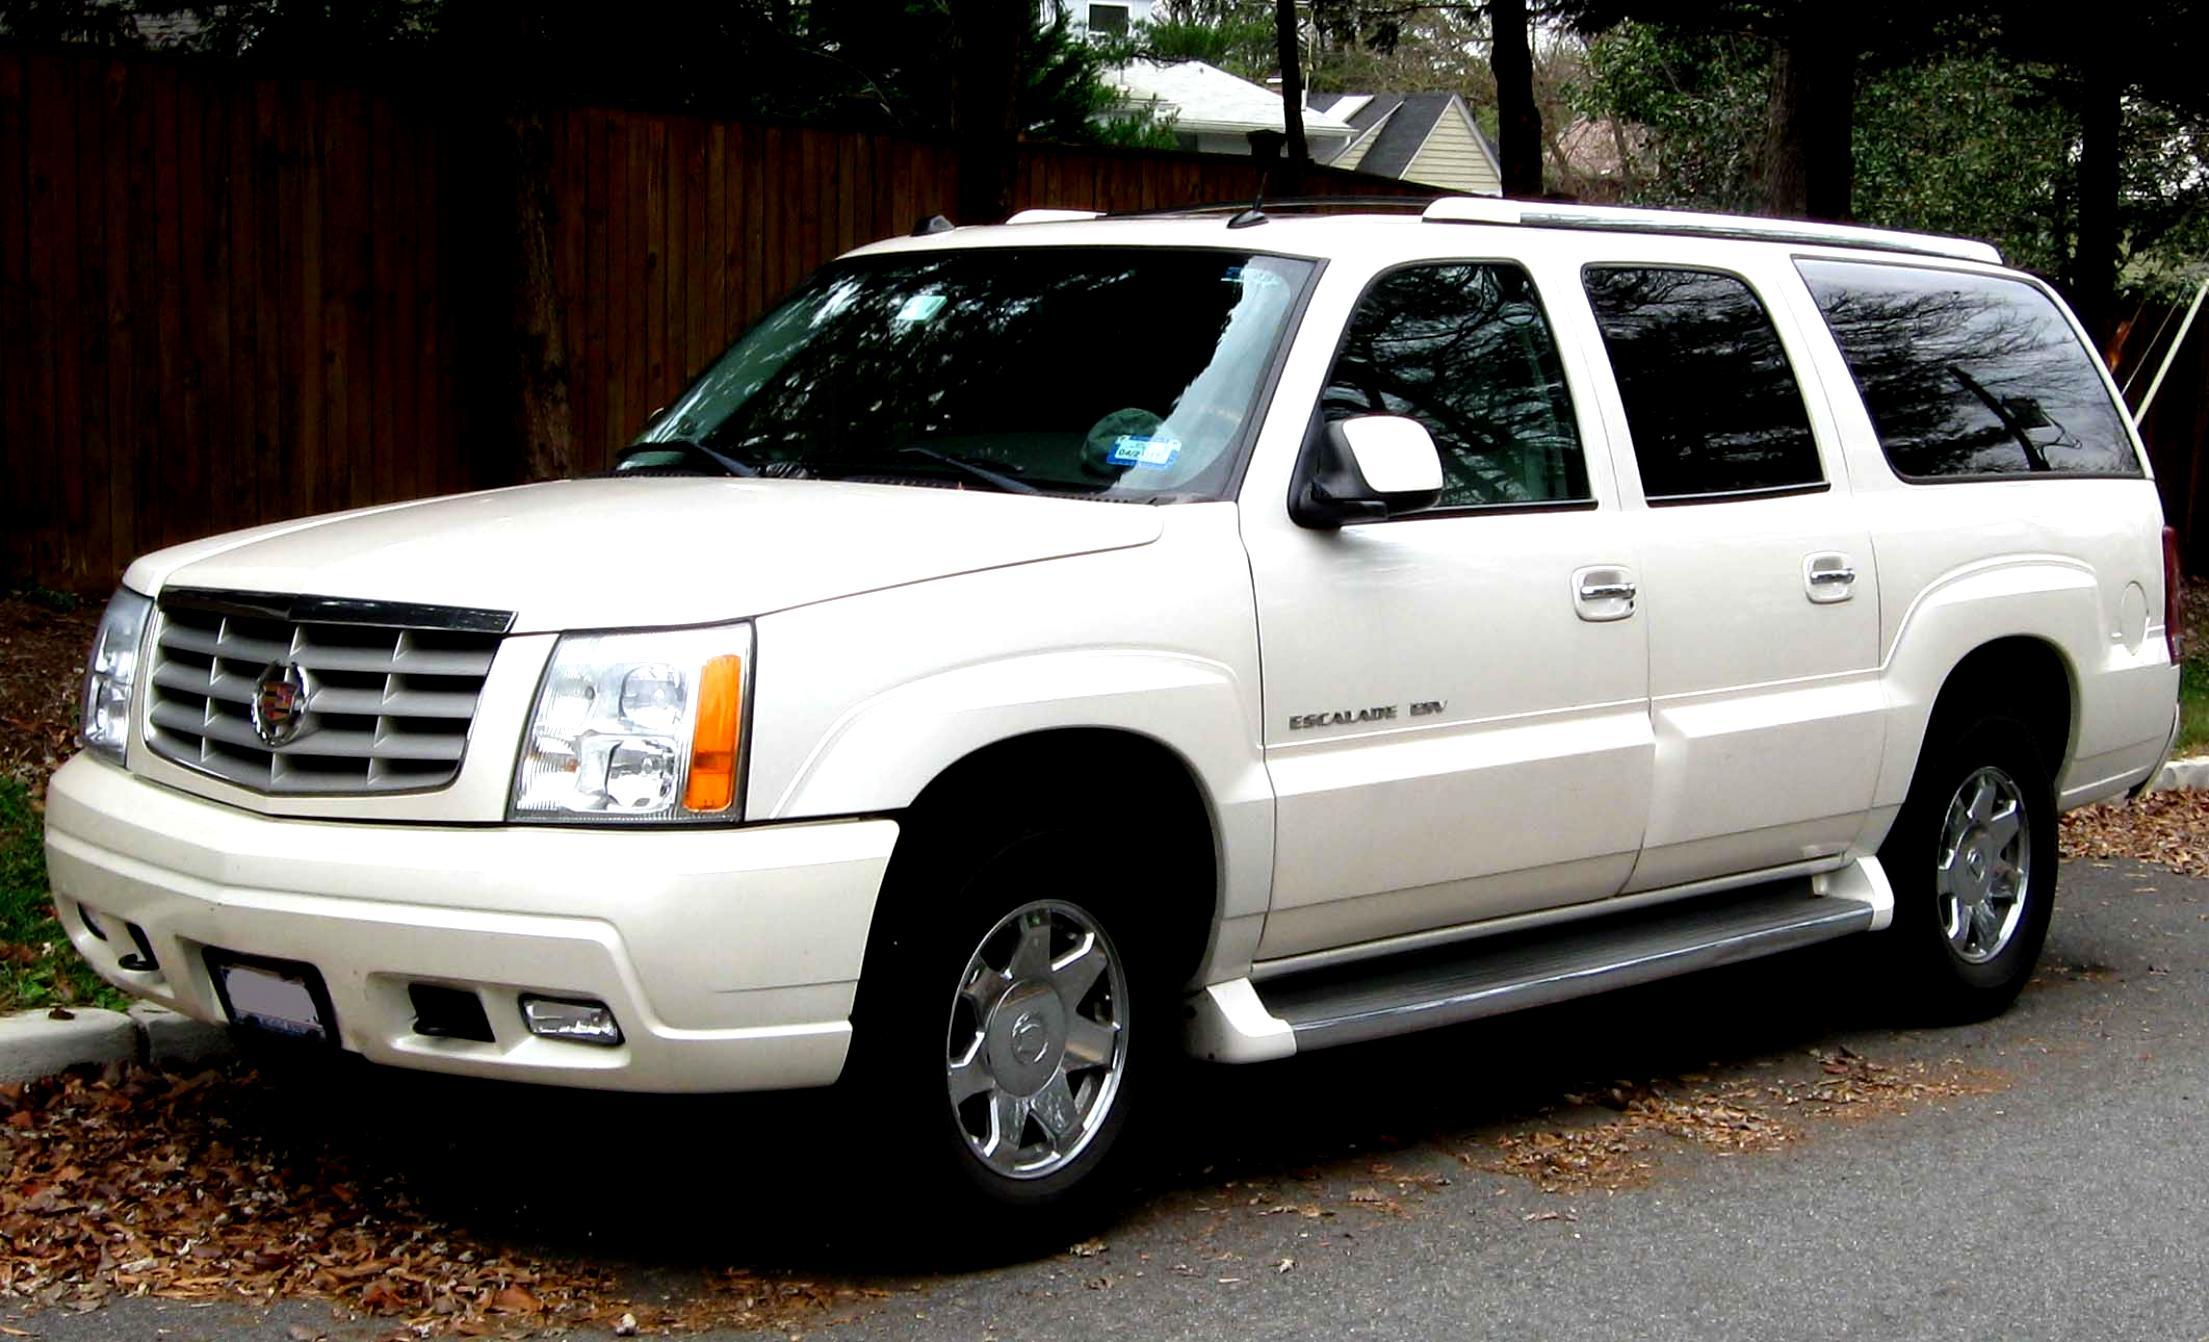 2004 escalade esv 5804174 techpneu info rh techpneu info 2011 cadillac escalade esv platinum owners manual 2011 Cadillac Escalade ESV Platinum